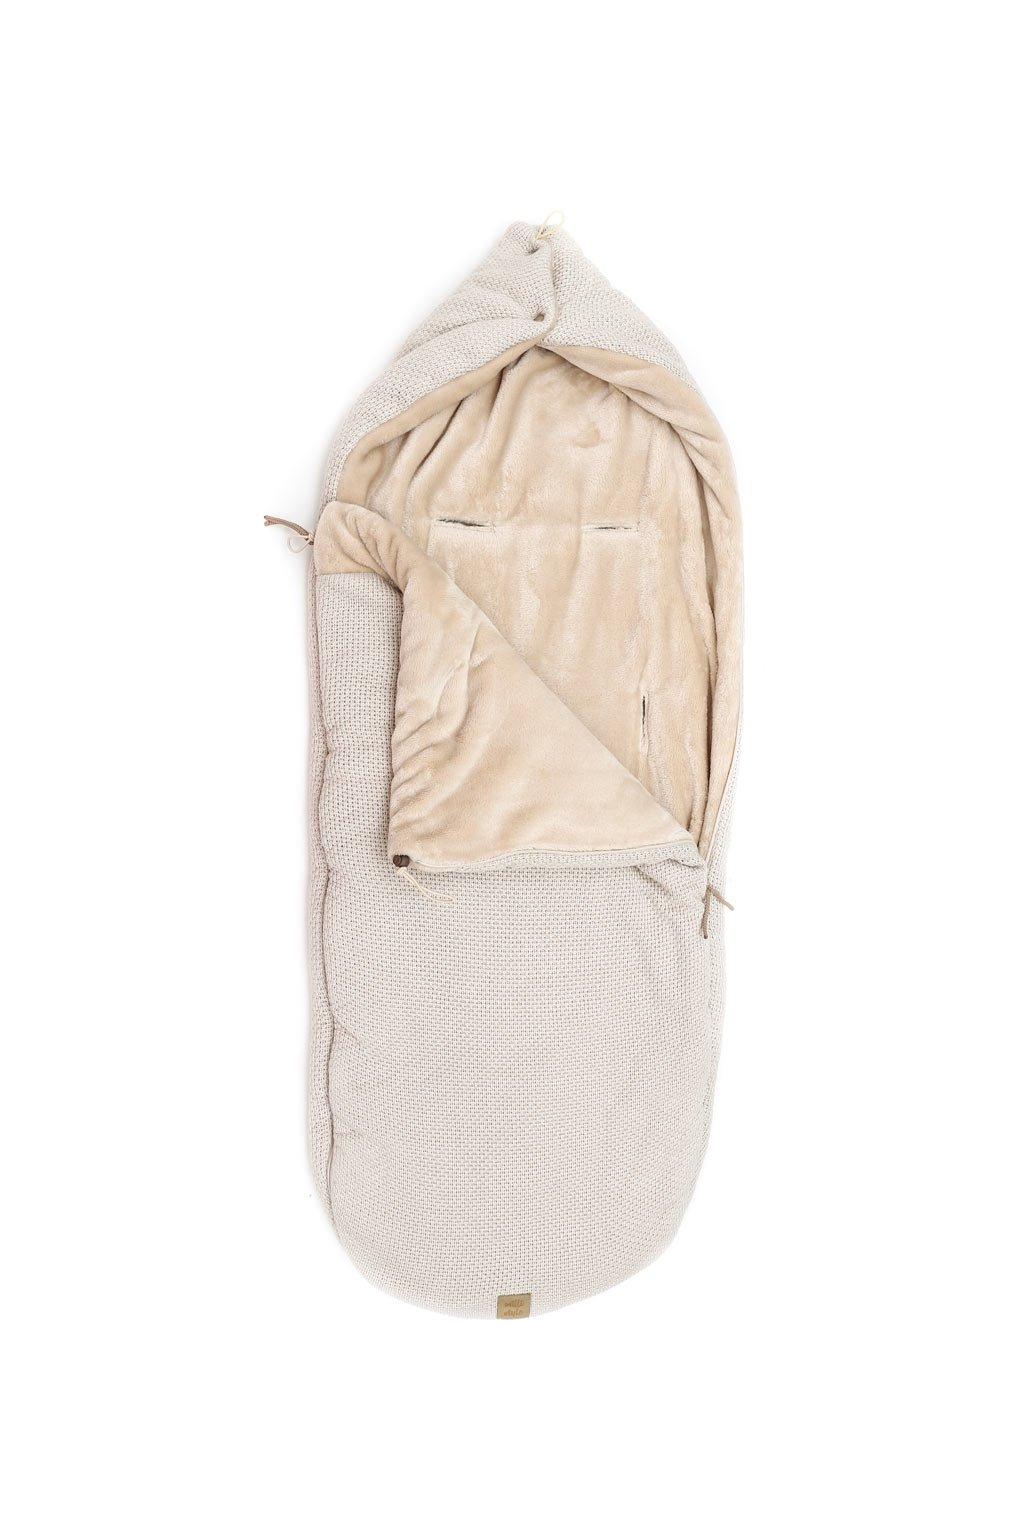 Zimni Fusak Milli Style s koziskem bezovy 2